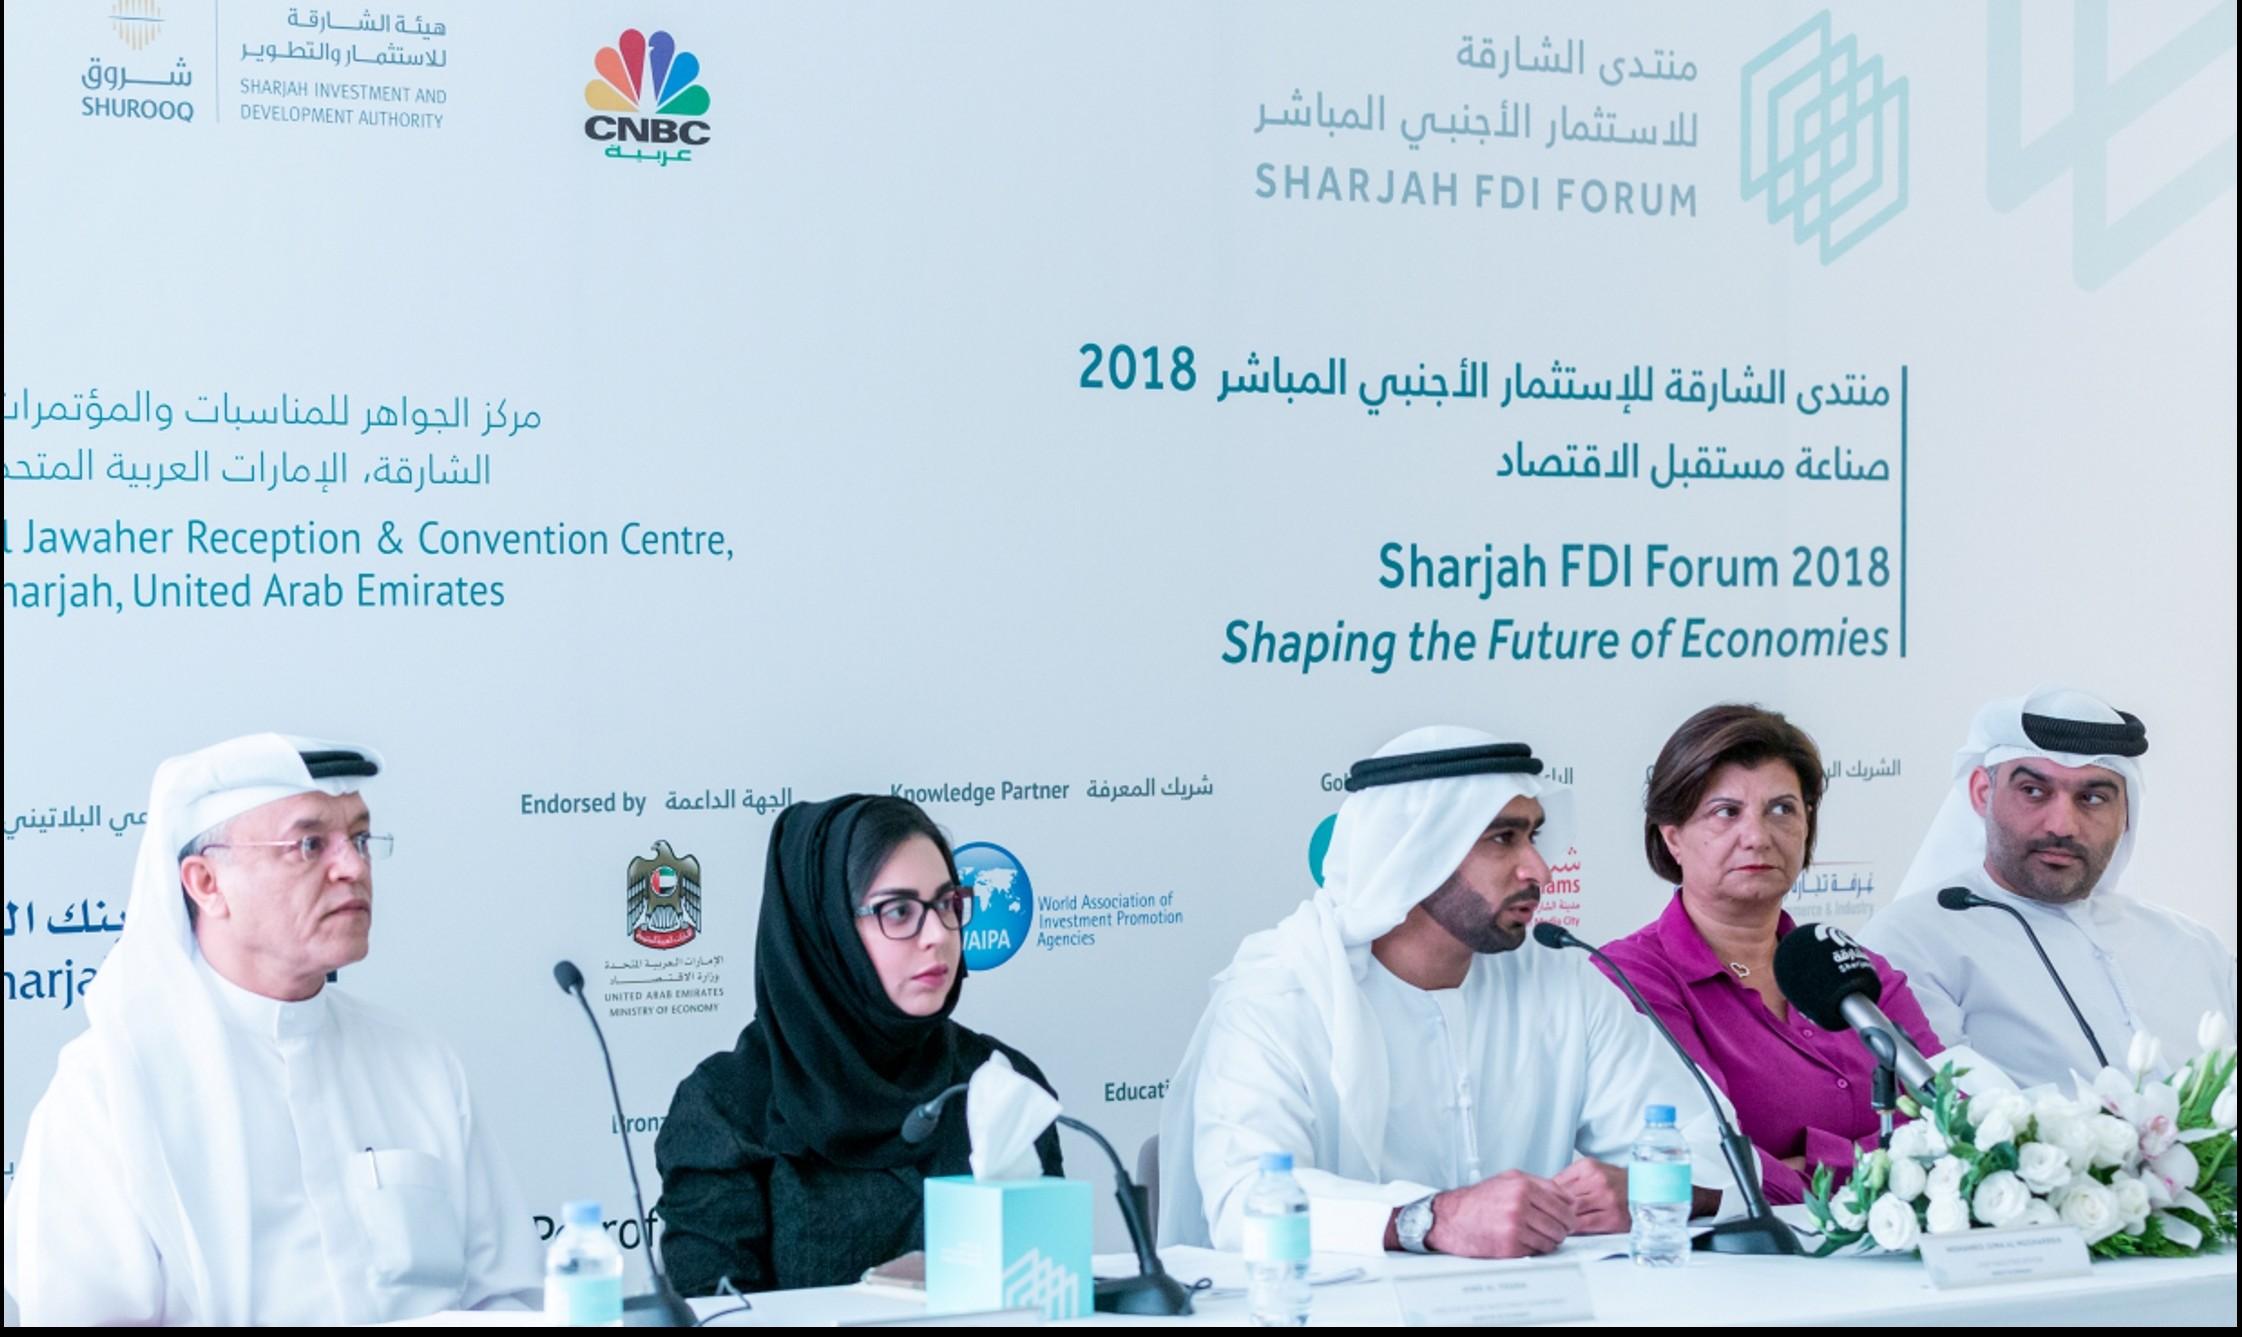 خلال الإعلان عن تفاصيل الدورة الرابعة من منتدى الشارقة للاستثمار الأجنبي المباشر